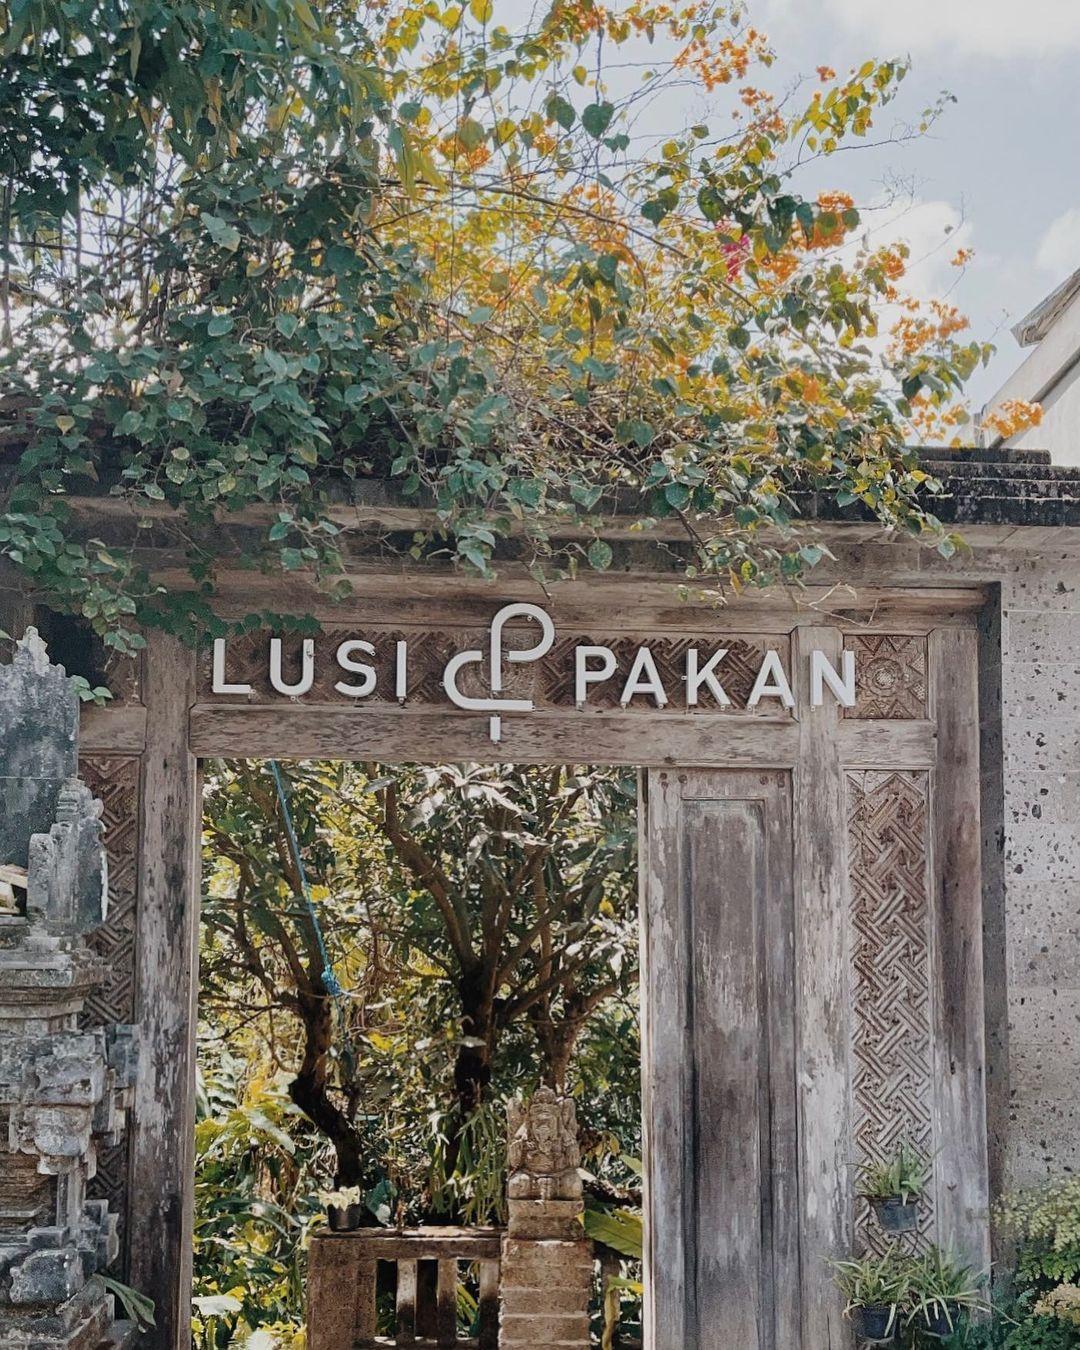 Gerbang Cafe Lusi Dan Pakan Bali Image From @sipinacoladas